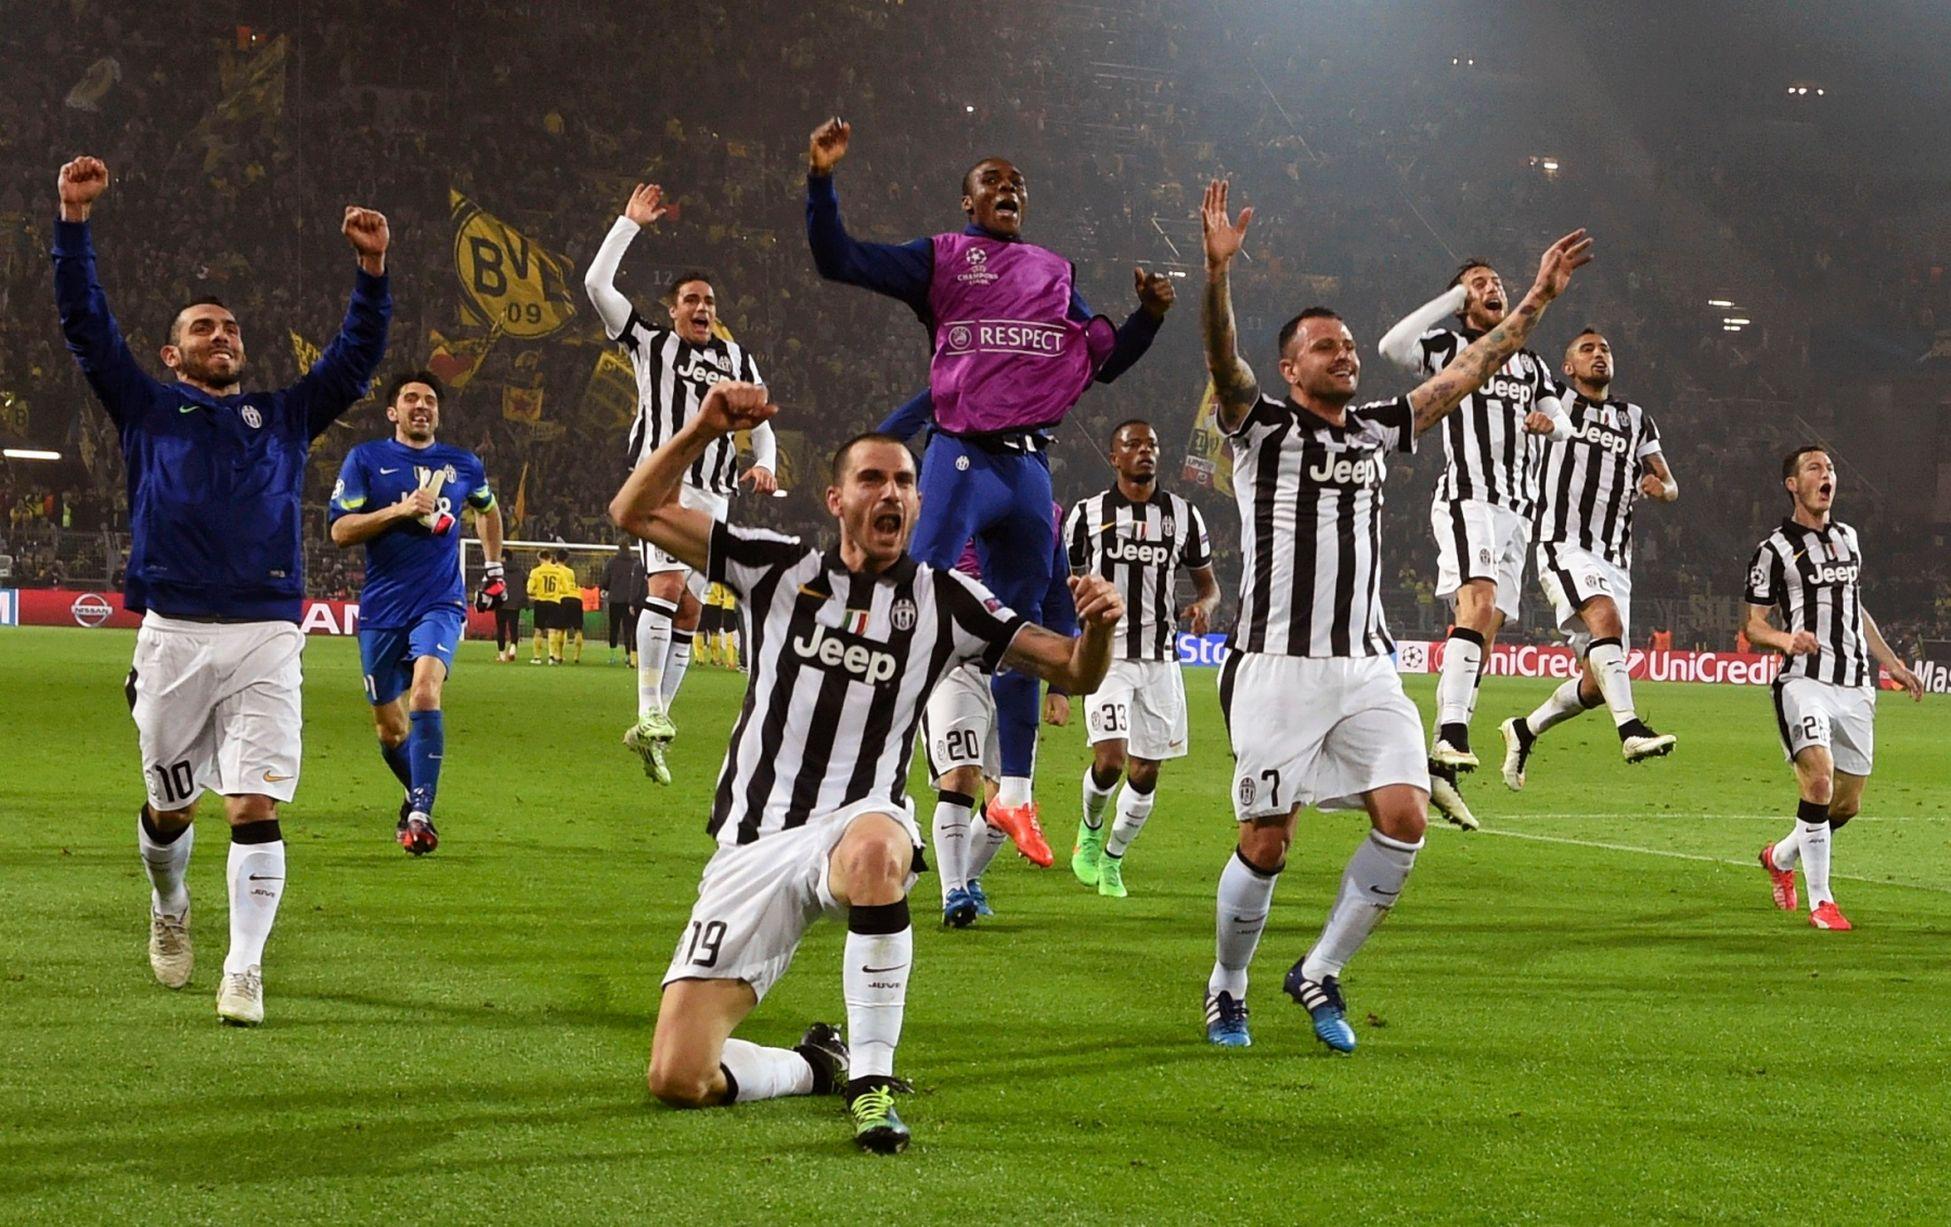 Borussia-Dortmund-v-Juventus